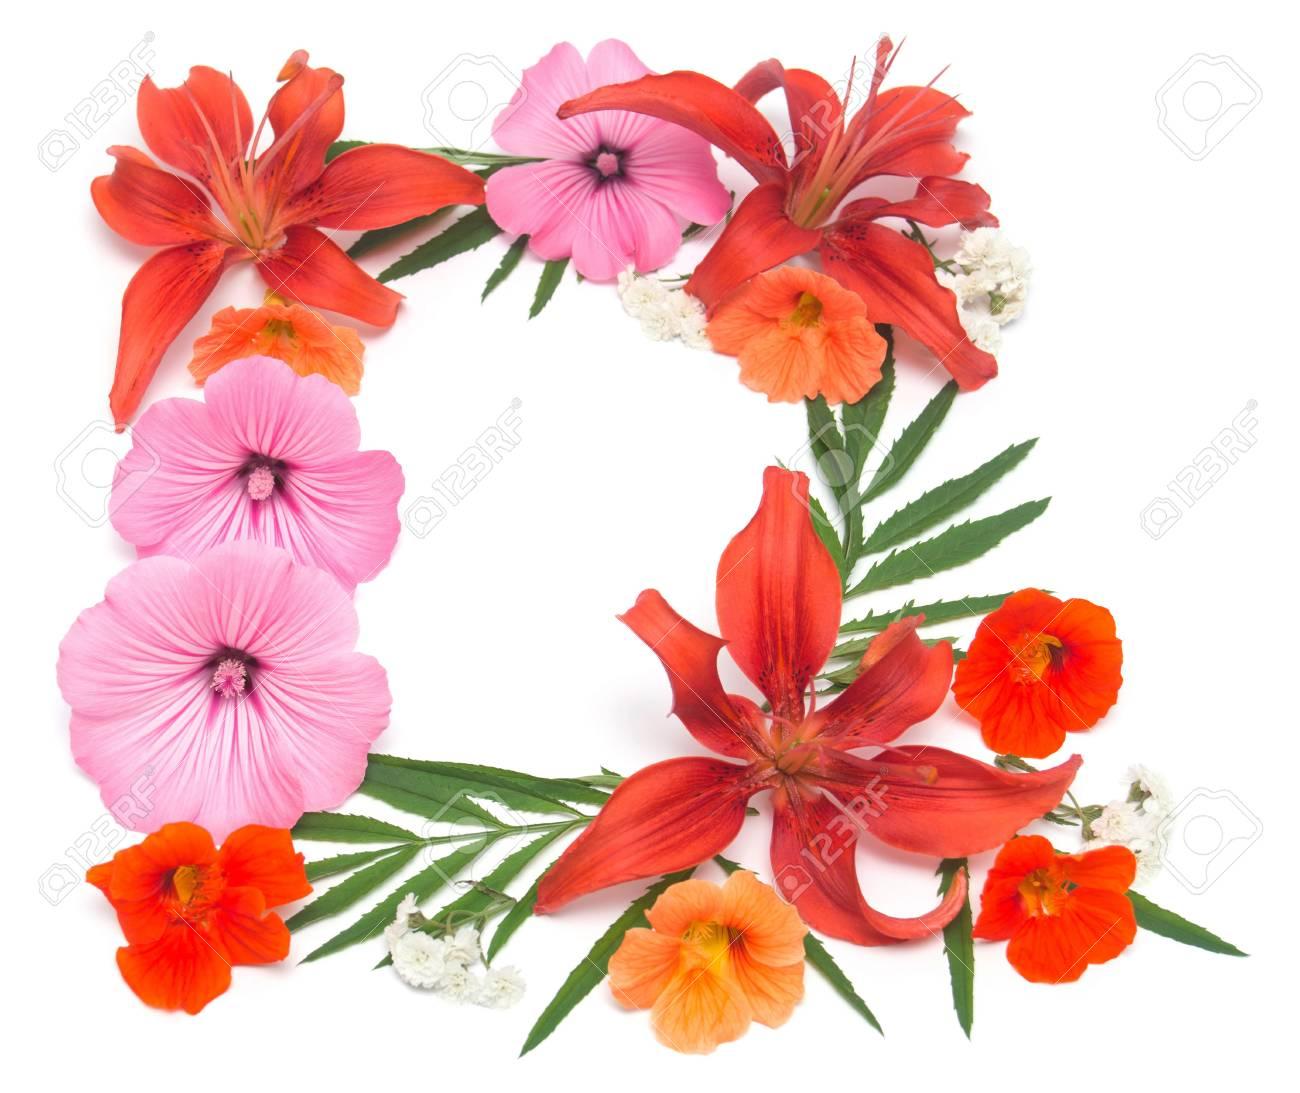 Couronne De Fleurs De Lys Mauve Capucine Et Isole Sur Fond Blanc Faire Part De Mariage Plat Poser Vue De Dessus Amour La Saint Valentin